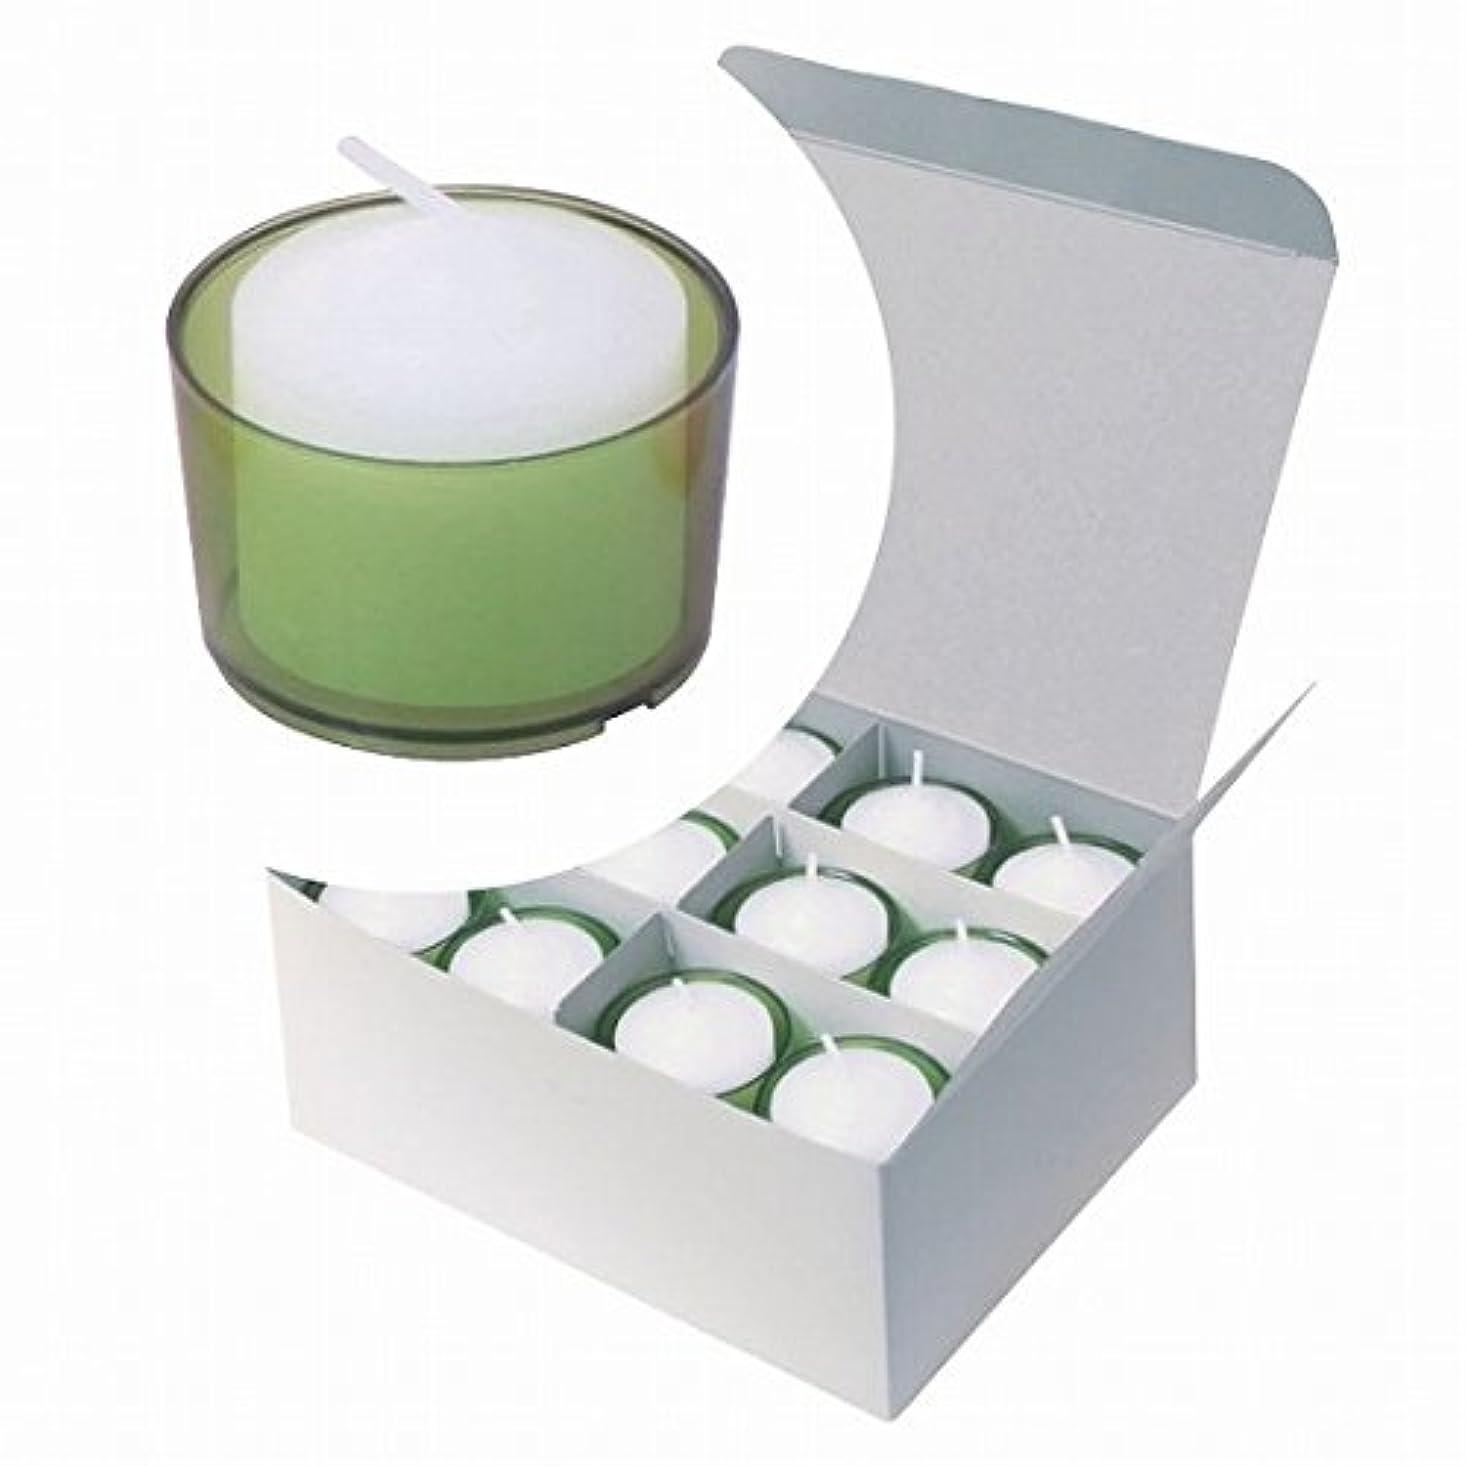 リブインフレーション辛いカメヤマキャンドル(kameyama candle) カラークリアカップボーティブ6時間タイプ 24個入り 「 グリーン 」